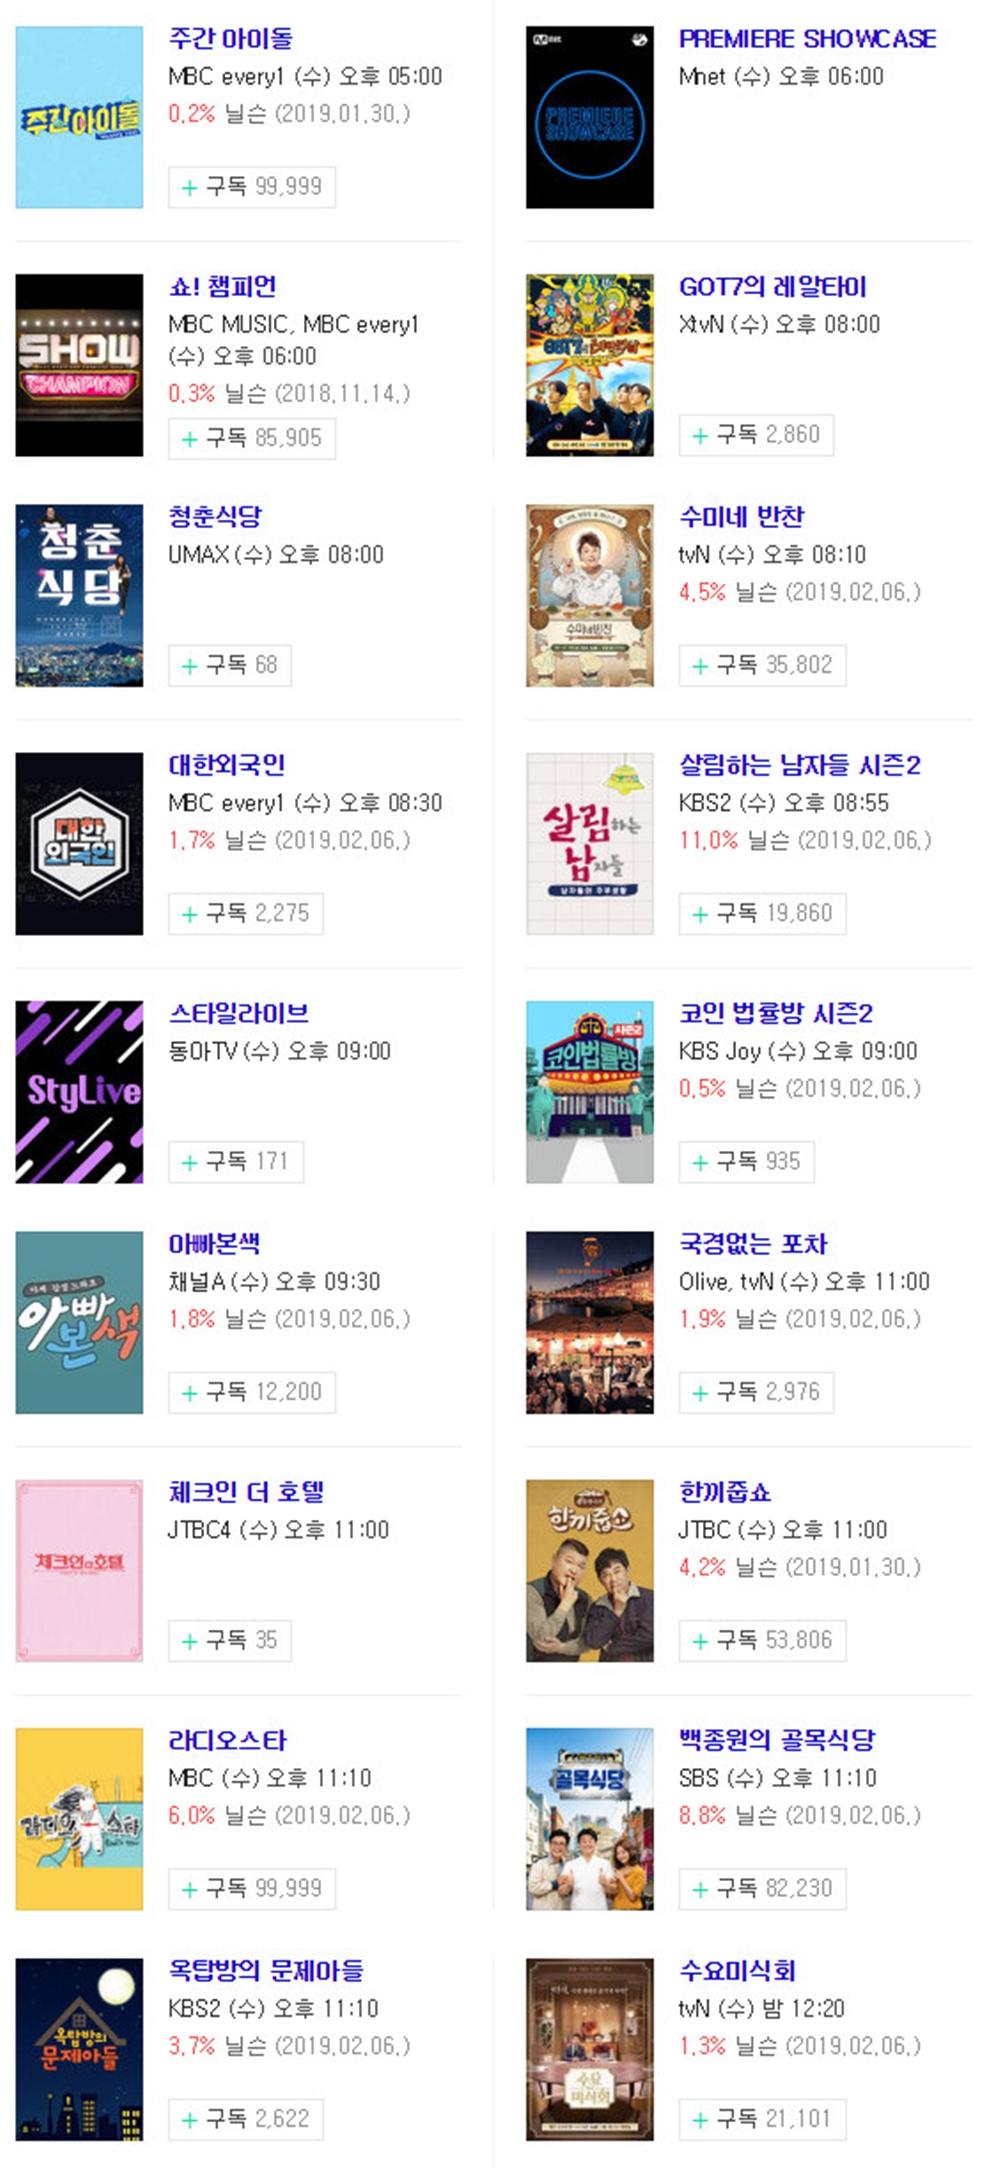 [수요일 예능] 오후 주요 예능 프로그램에 시청자 관심↑ '지상파-케이블-종편 편성표는?'